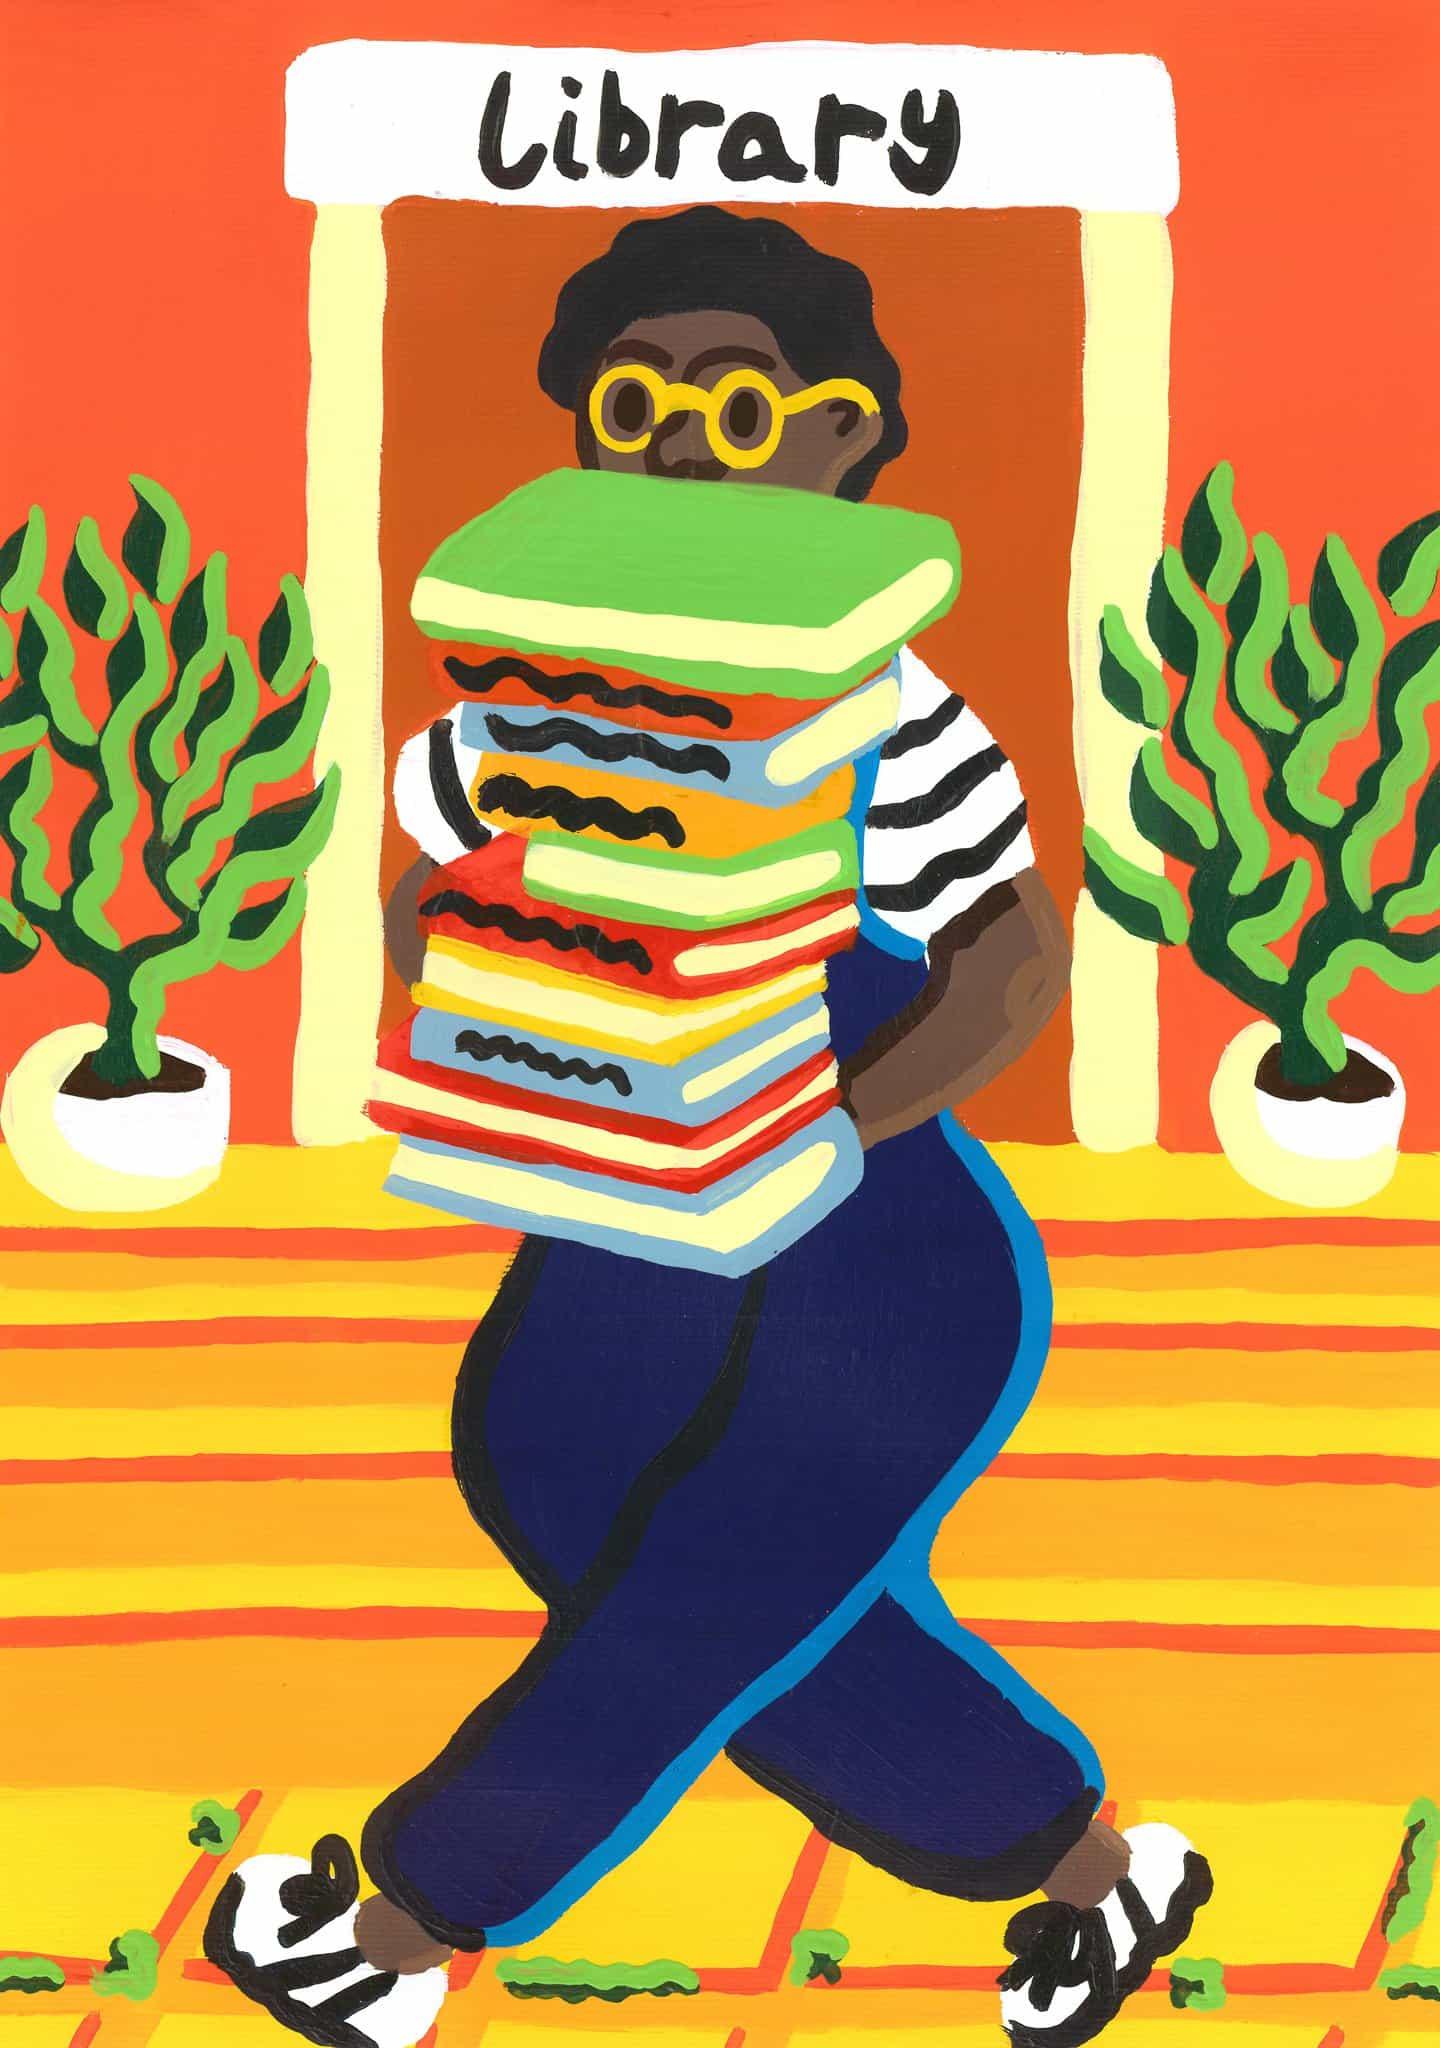 Rosie mayo: El conseguir de nuevo a los libros (Copyright © Rosie de mayo de 2020)